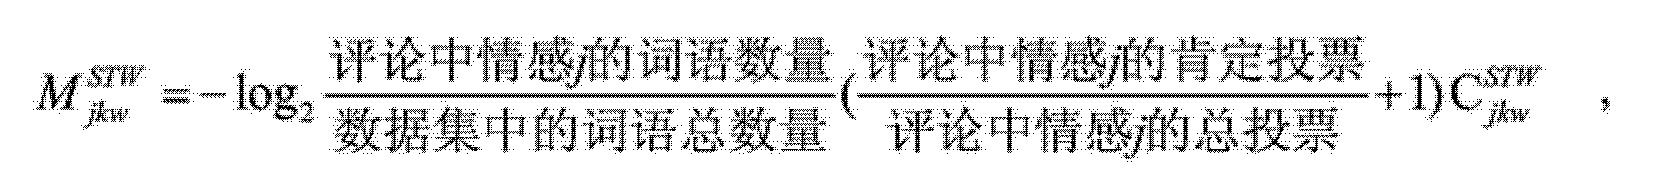 Figure CN104517216AC00032